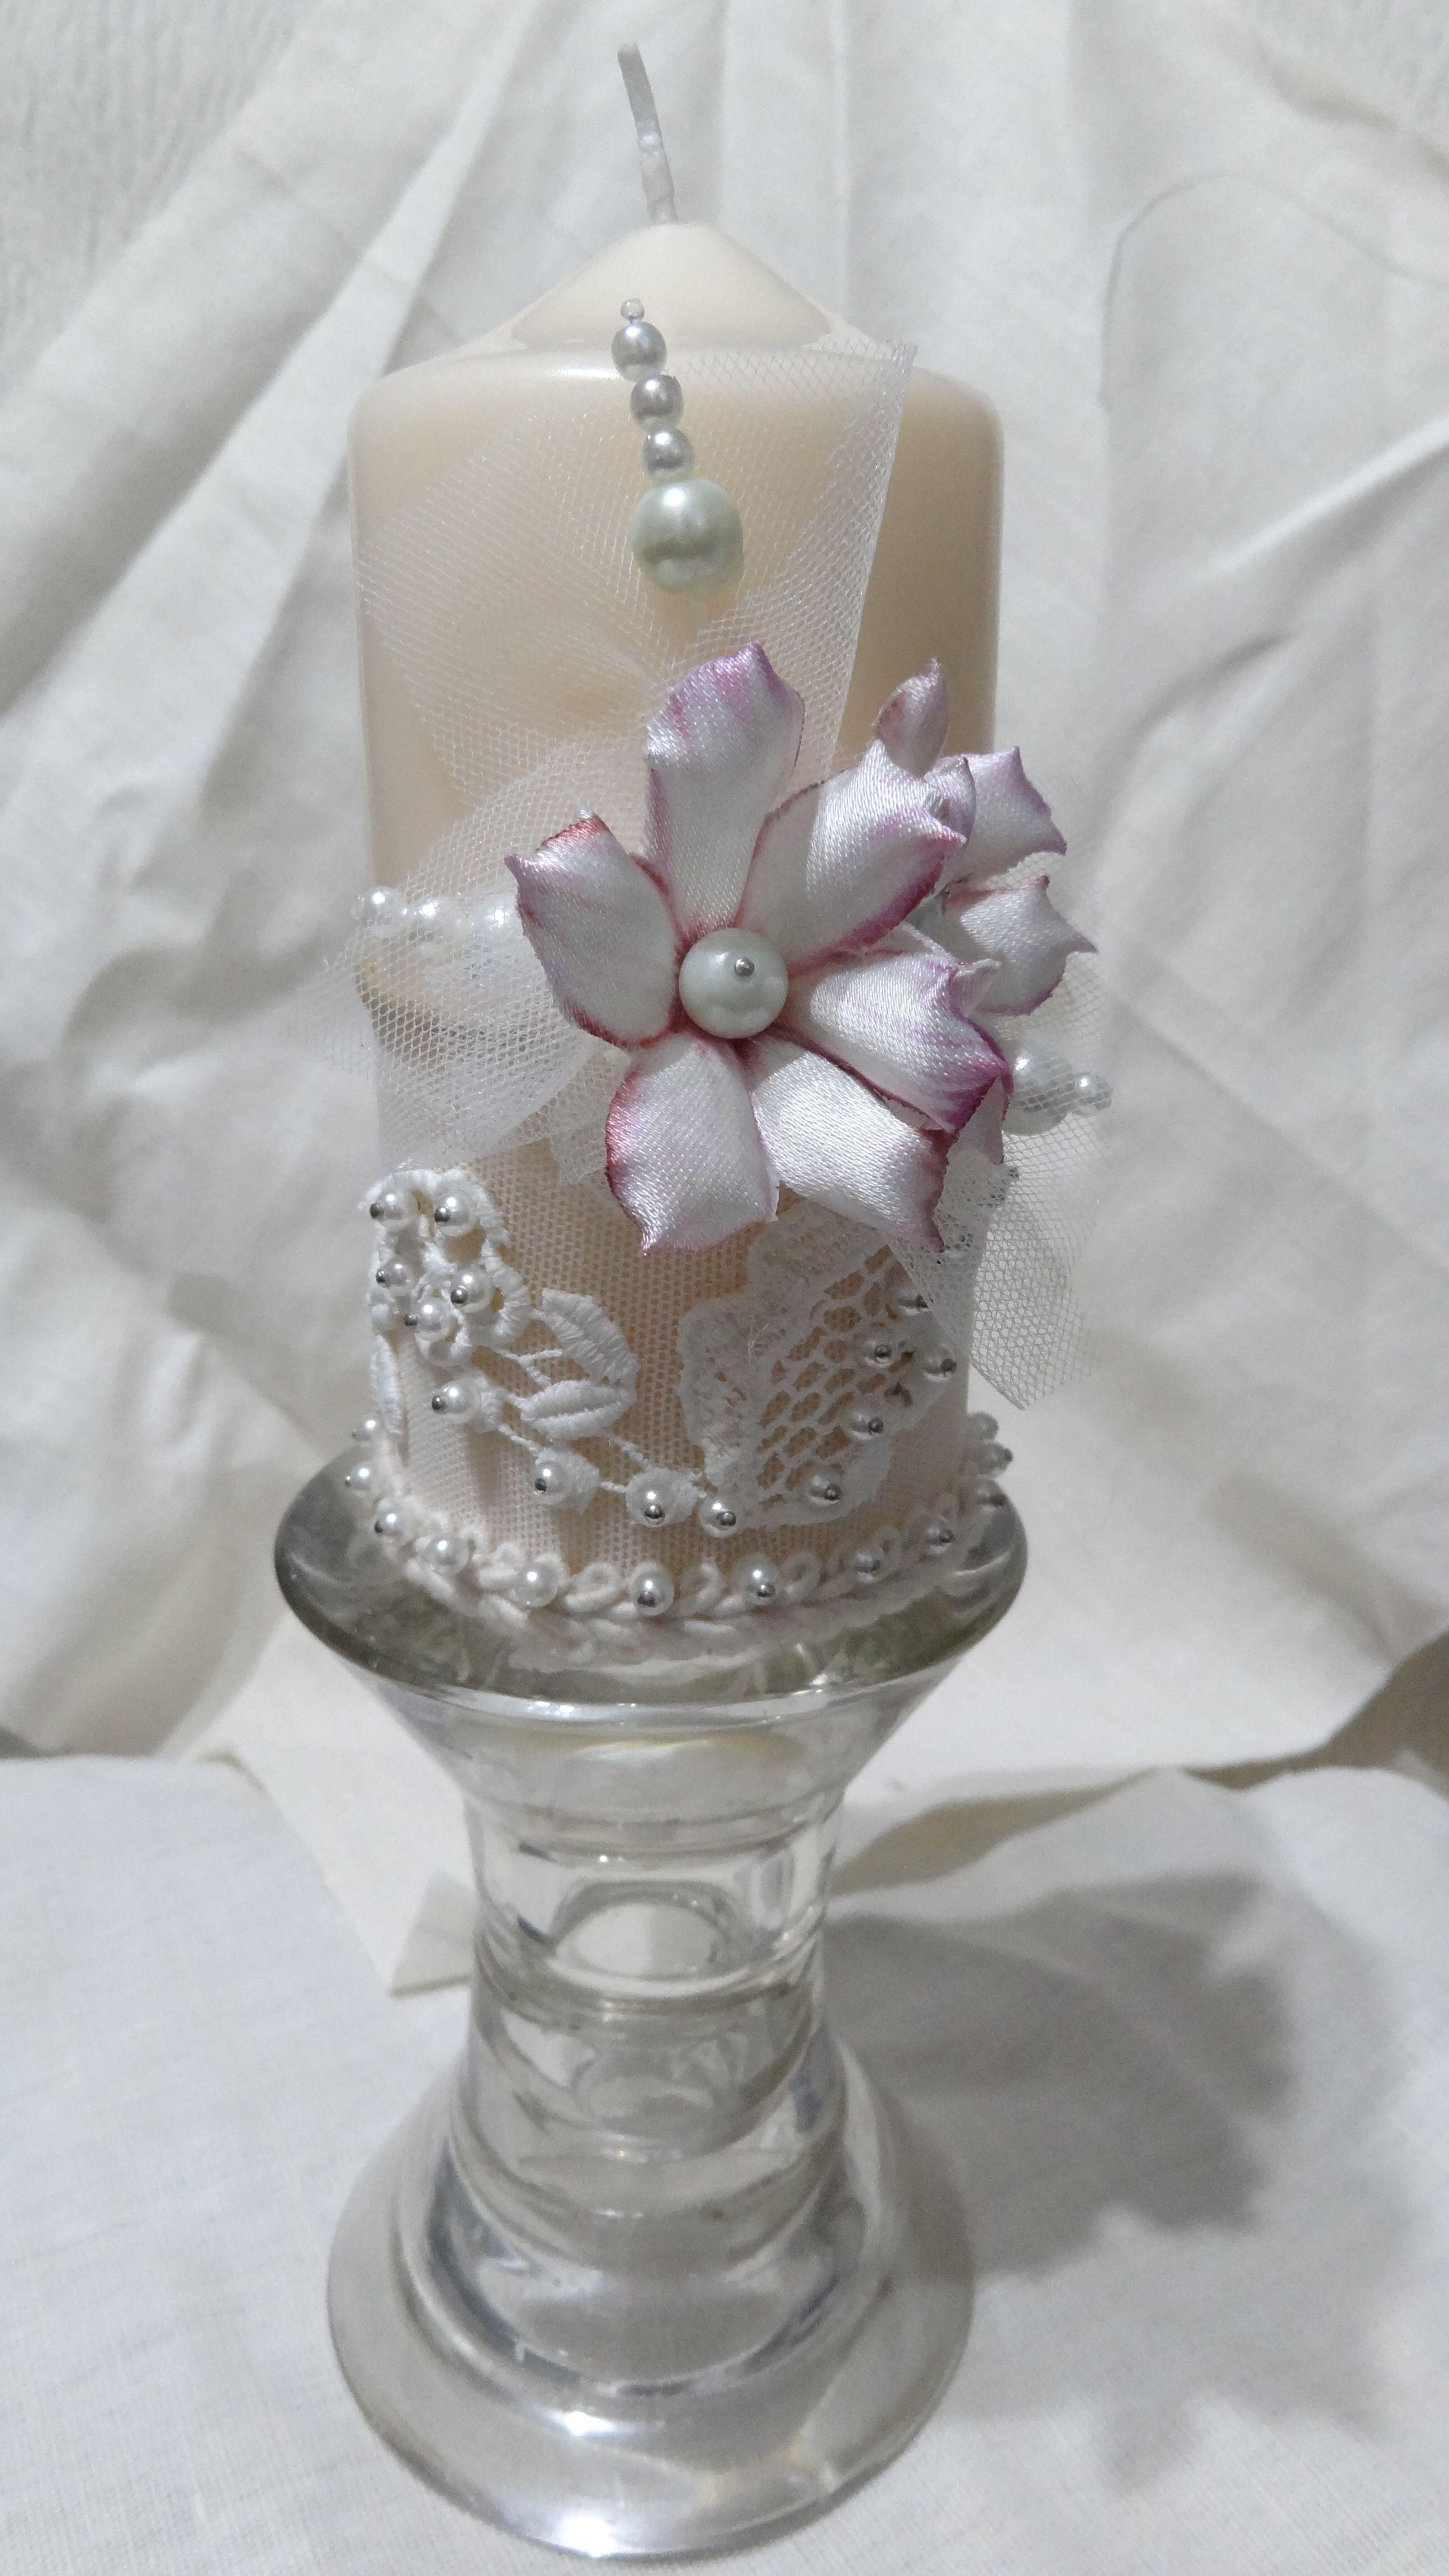 Candela decorata con pizzi e perle con fiorellini di Forme Tessili 3D